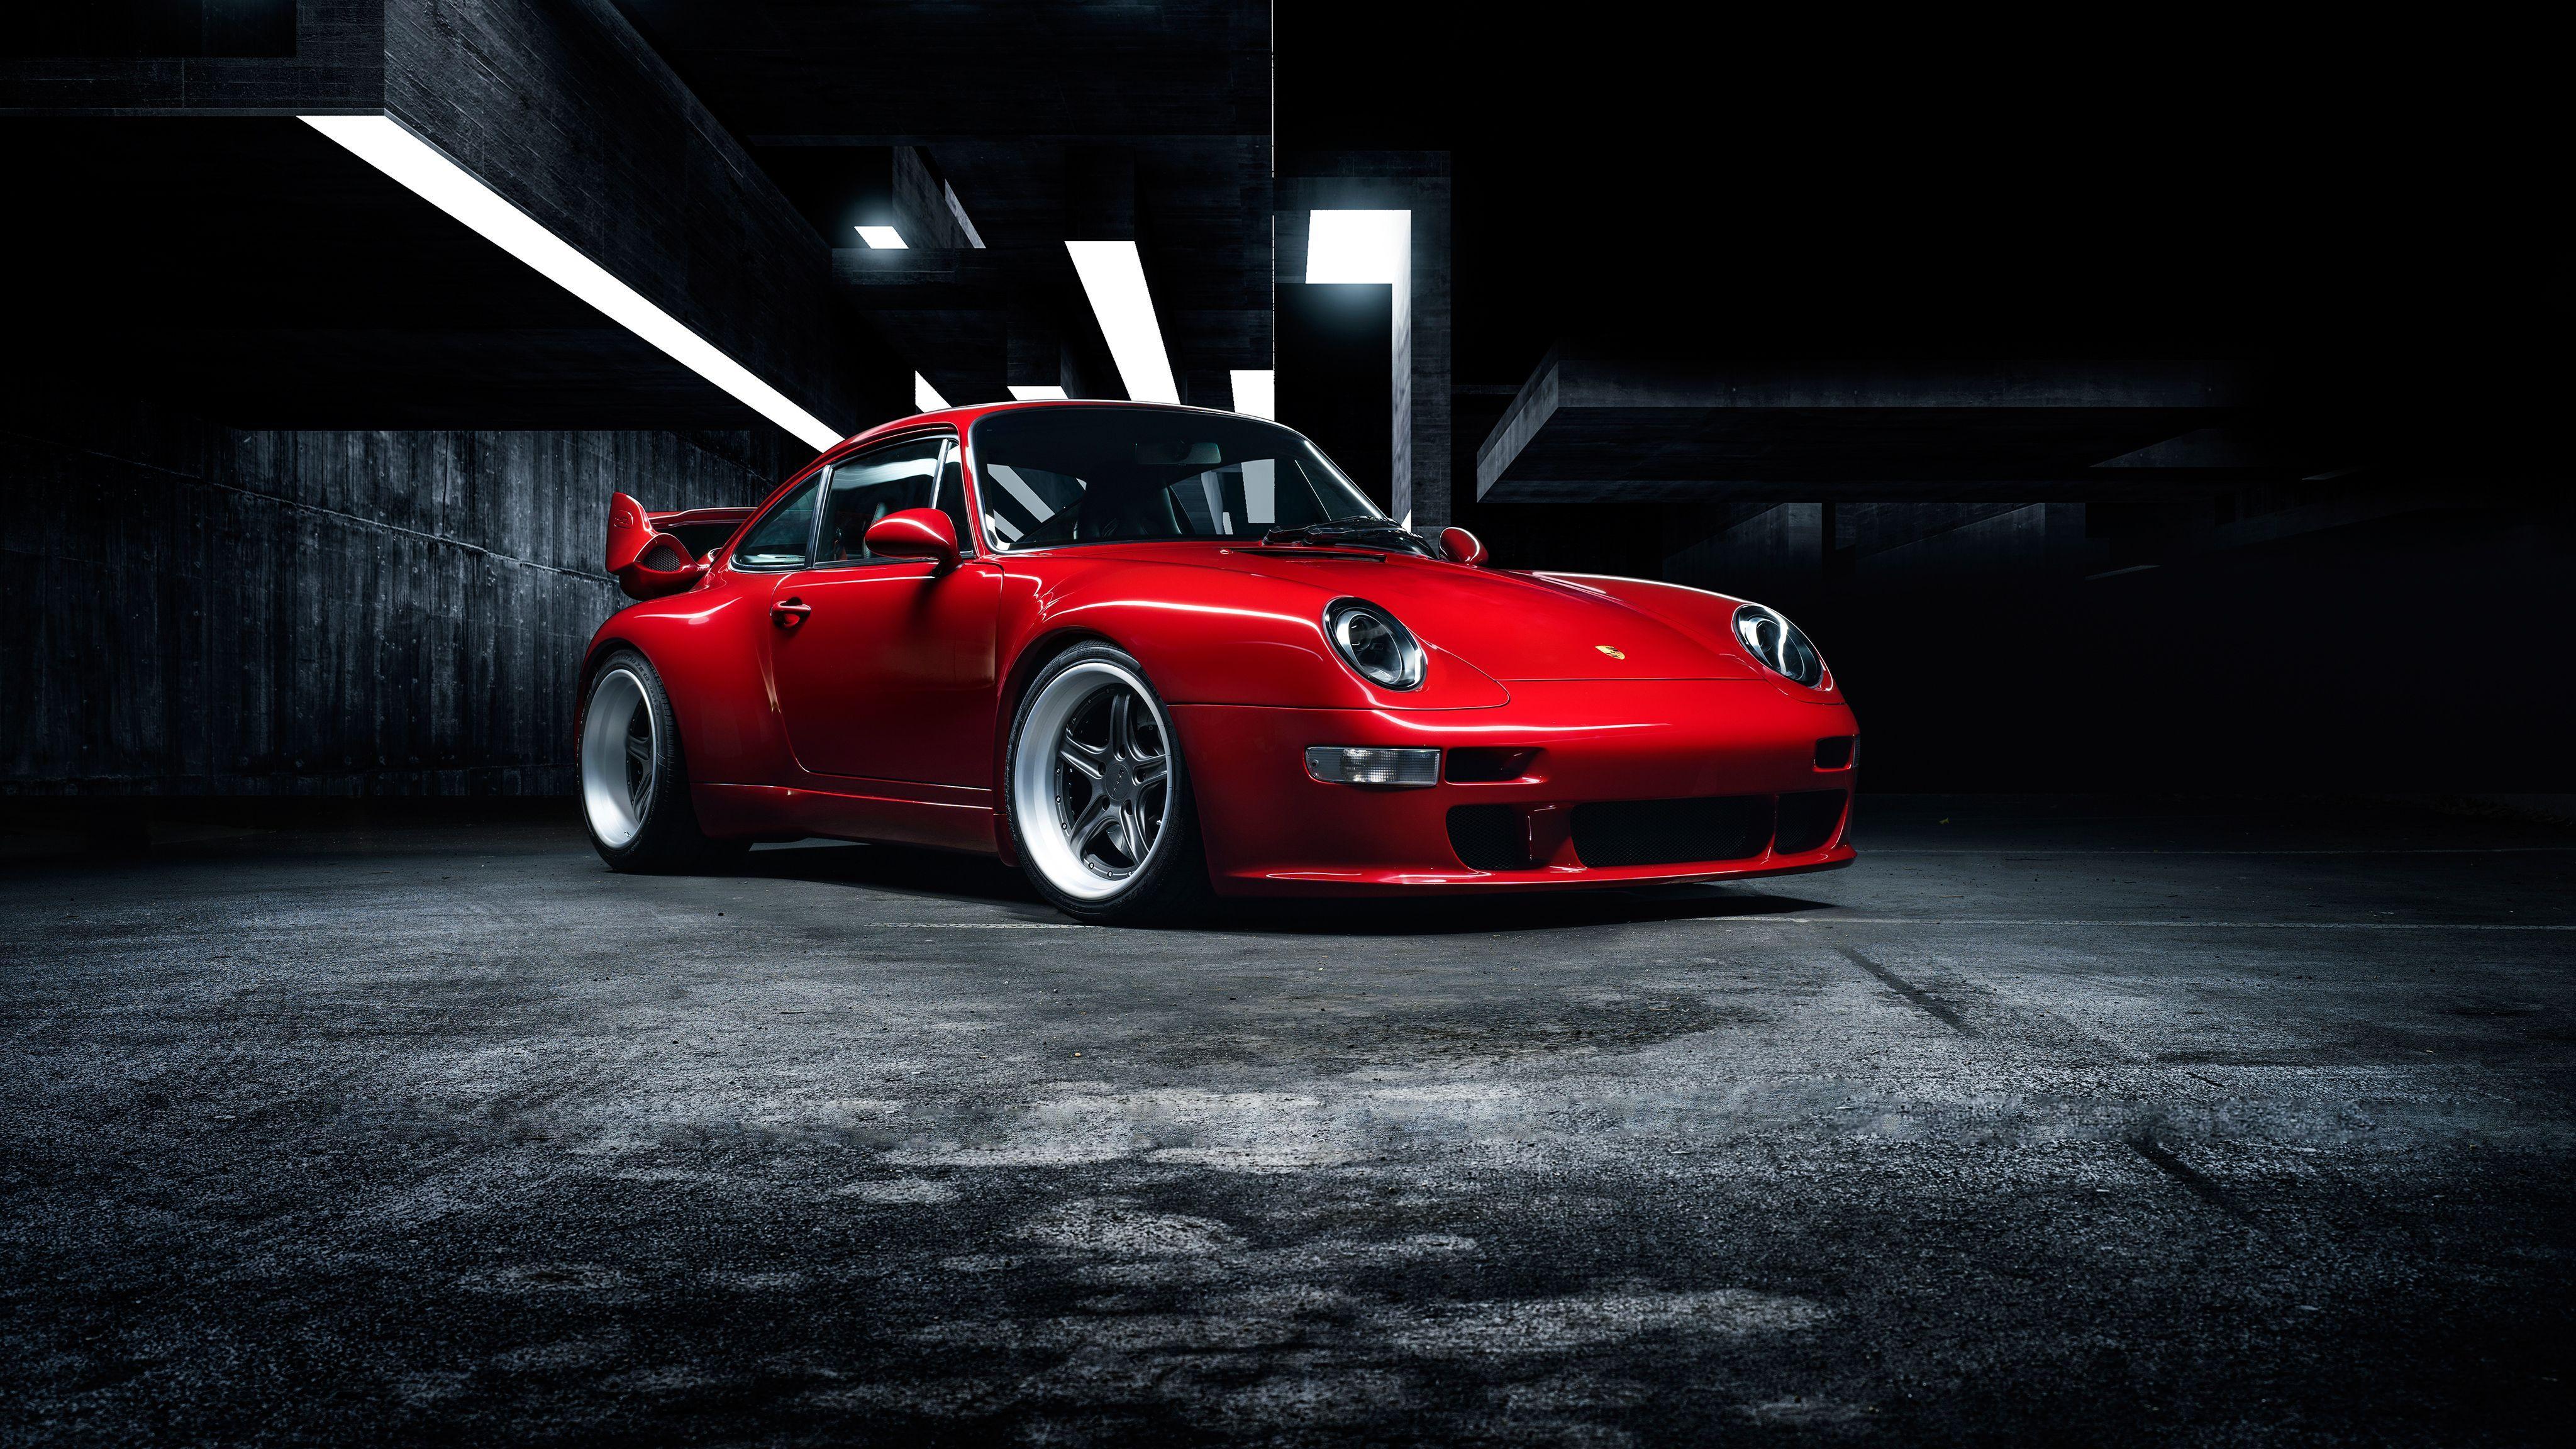 43 Best Free Porsche 4k Wallpapers Wallpaperaccess